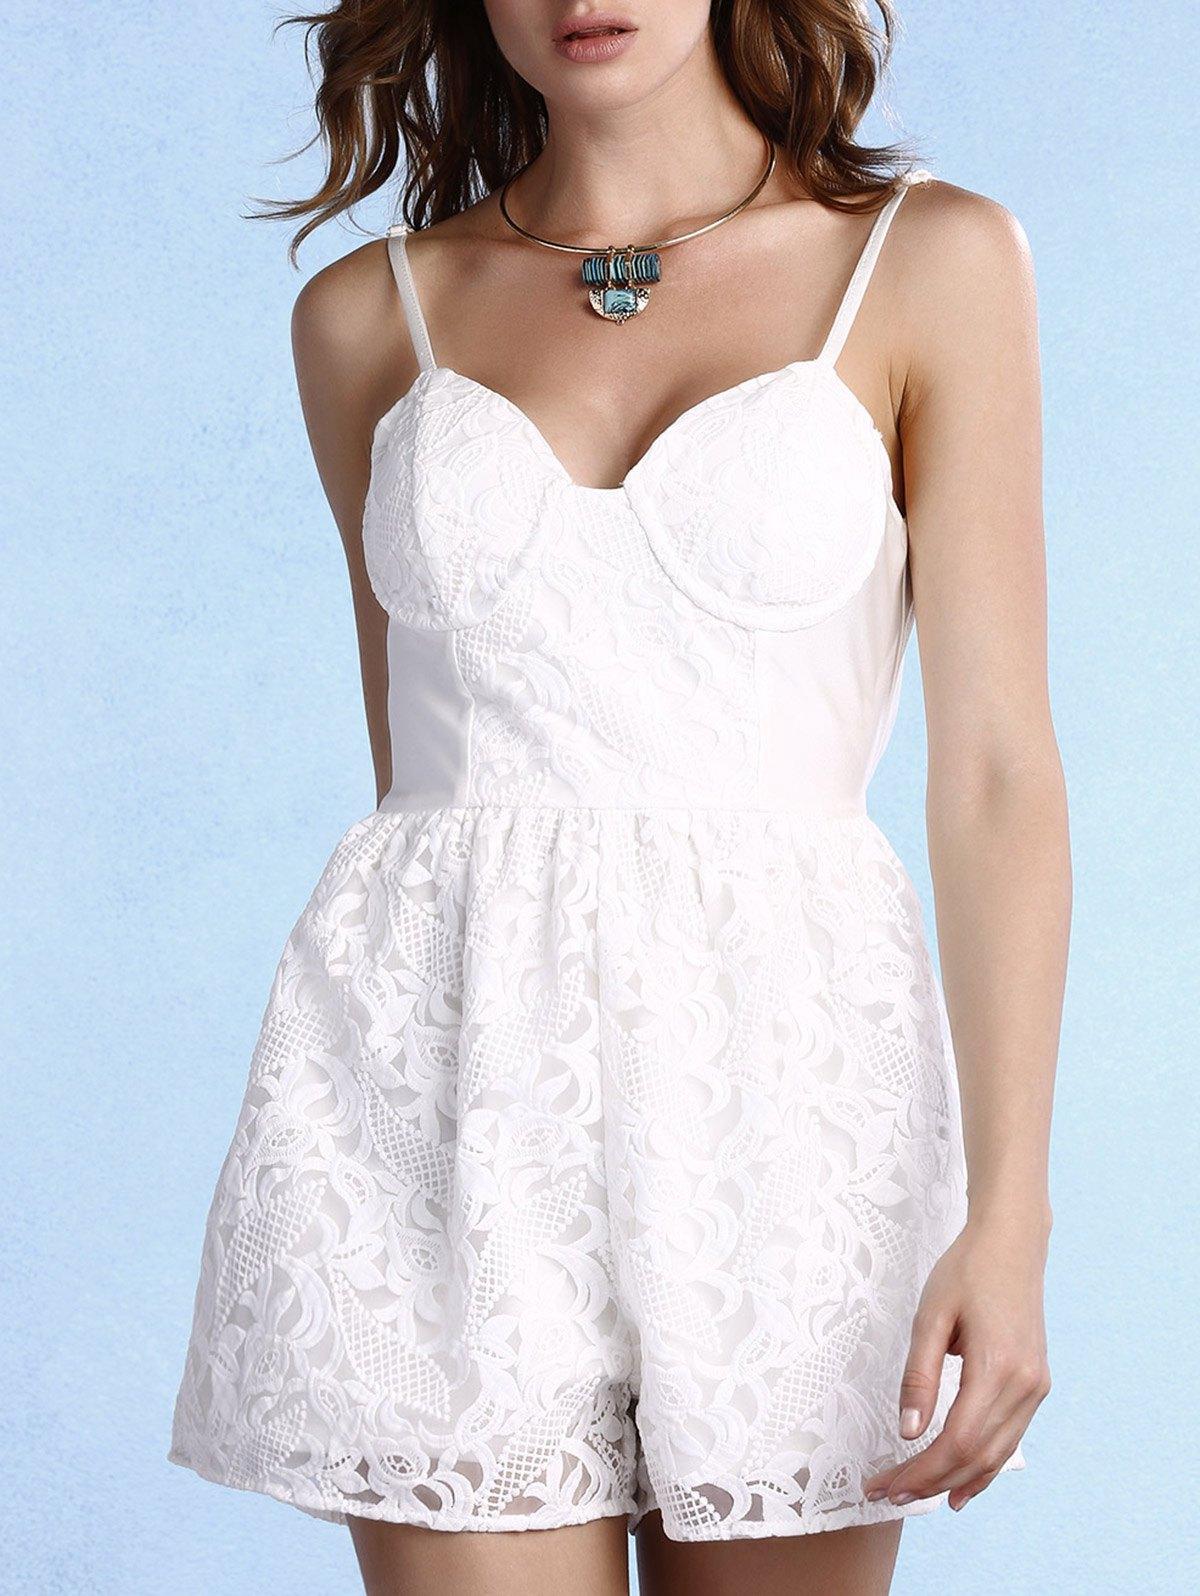 Cami White Lace Romper